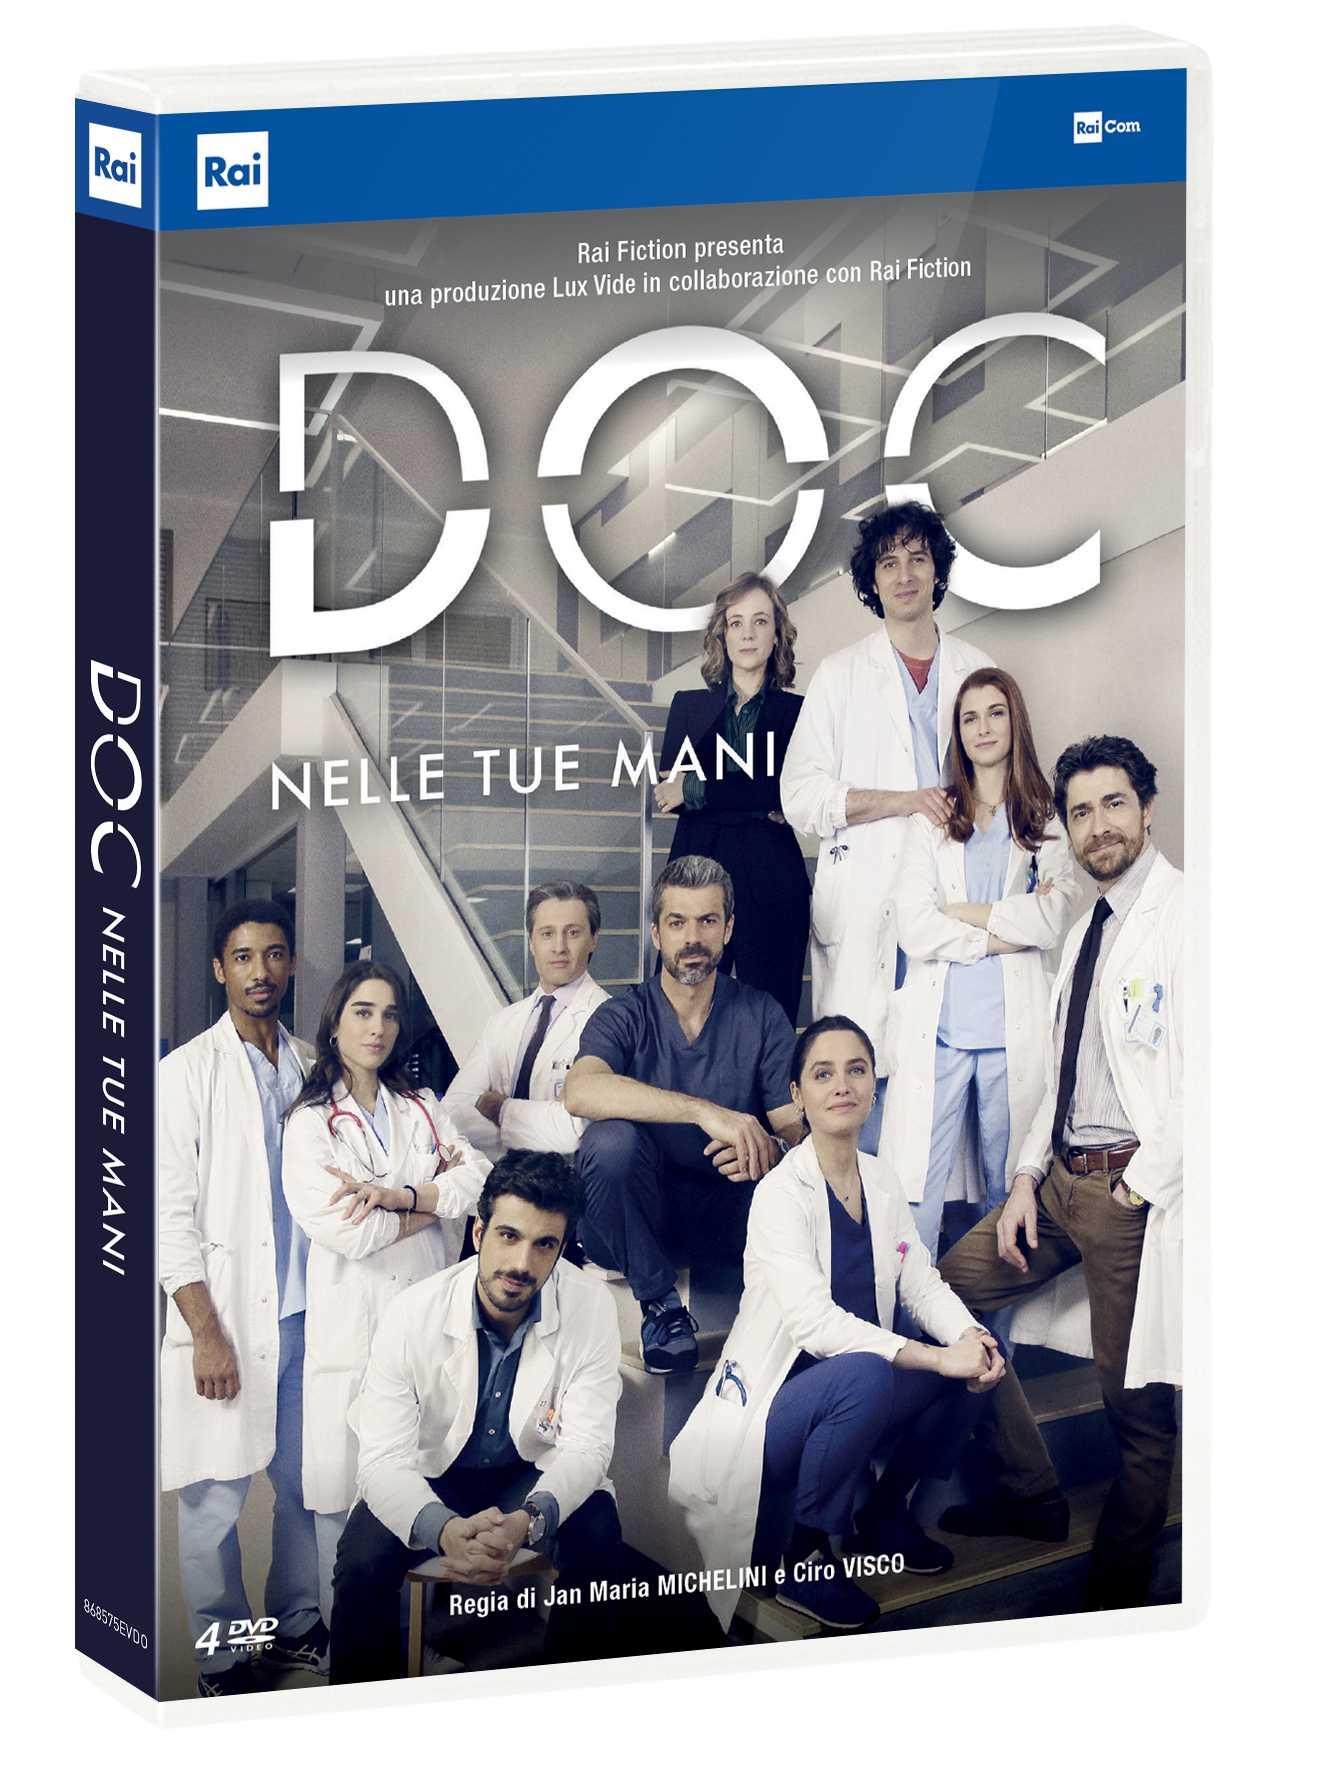 Recensione DVD cofanetto: Doc - Nelle tue mani, la serie Rai con Argentero